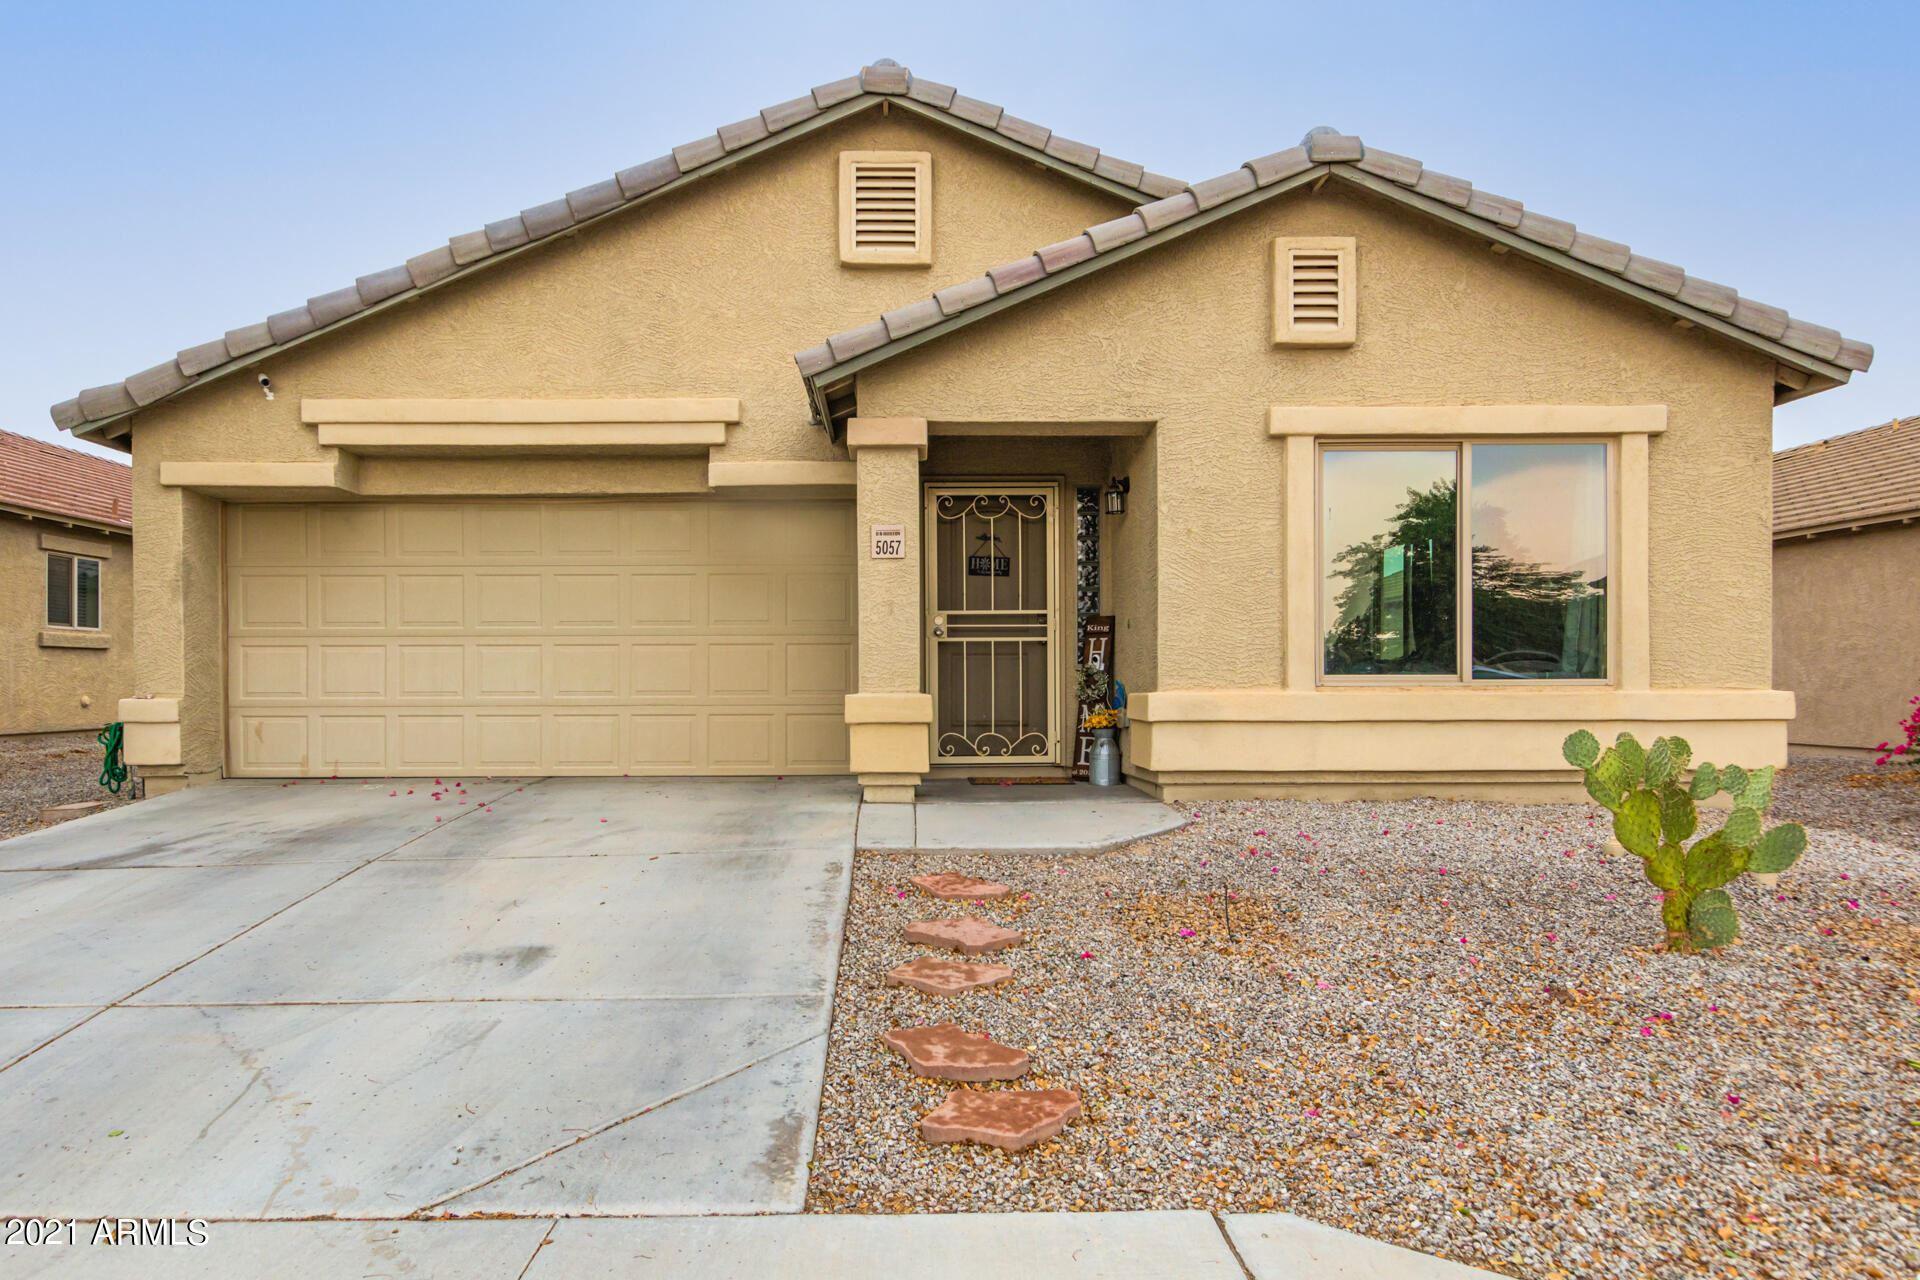 5057 S 235TH Drive, Buckeye, AZ 85326 - MLS#: 6270250